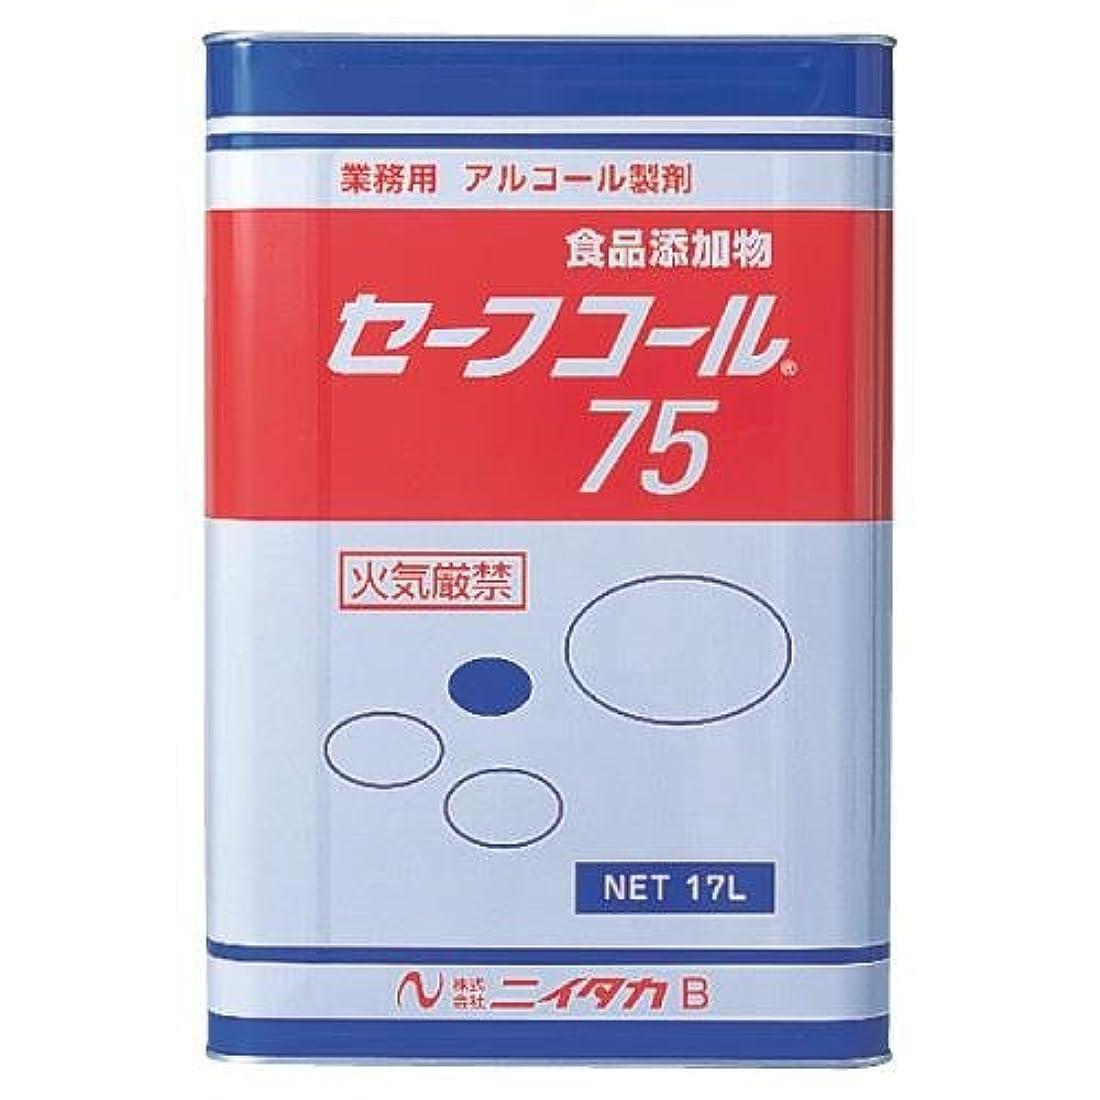 シャッフル効果的落とし穴ニイタカ:セーフコール75(F-3) 17L 270201